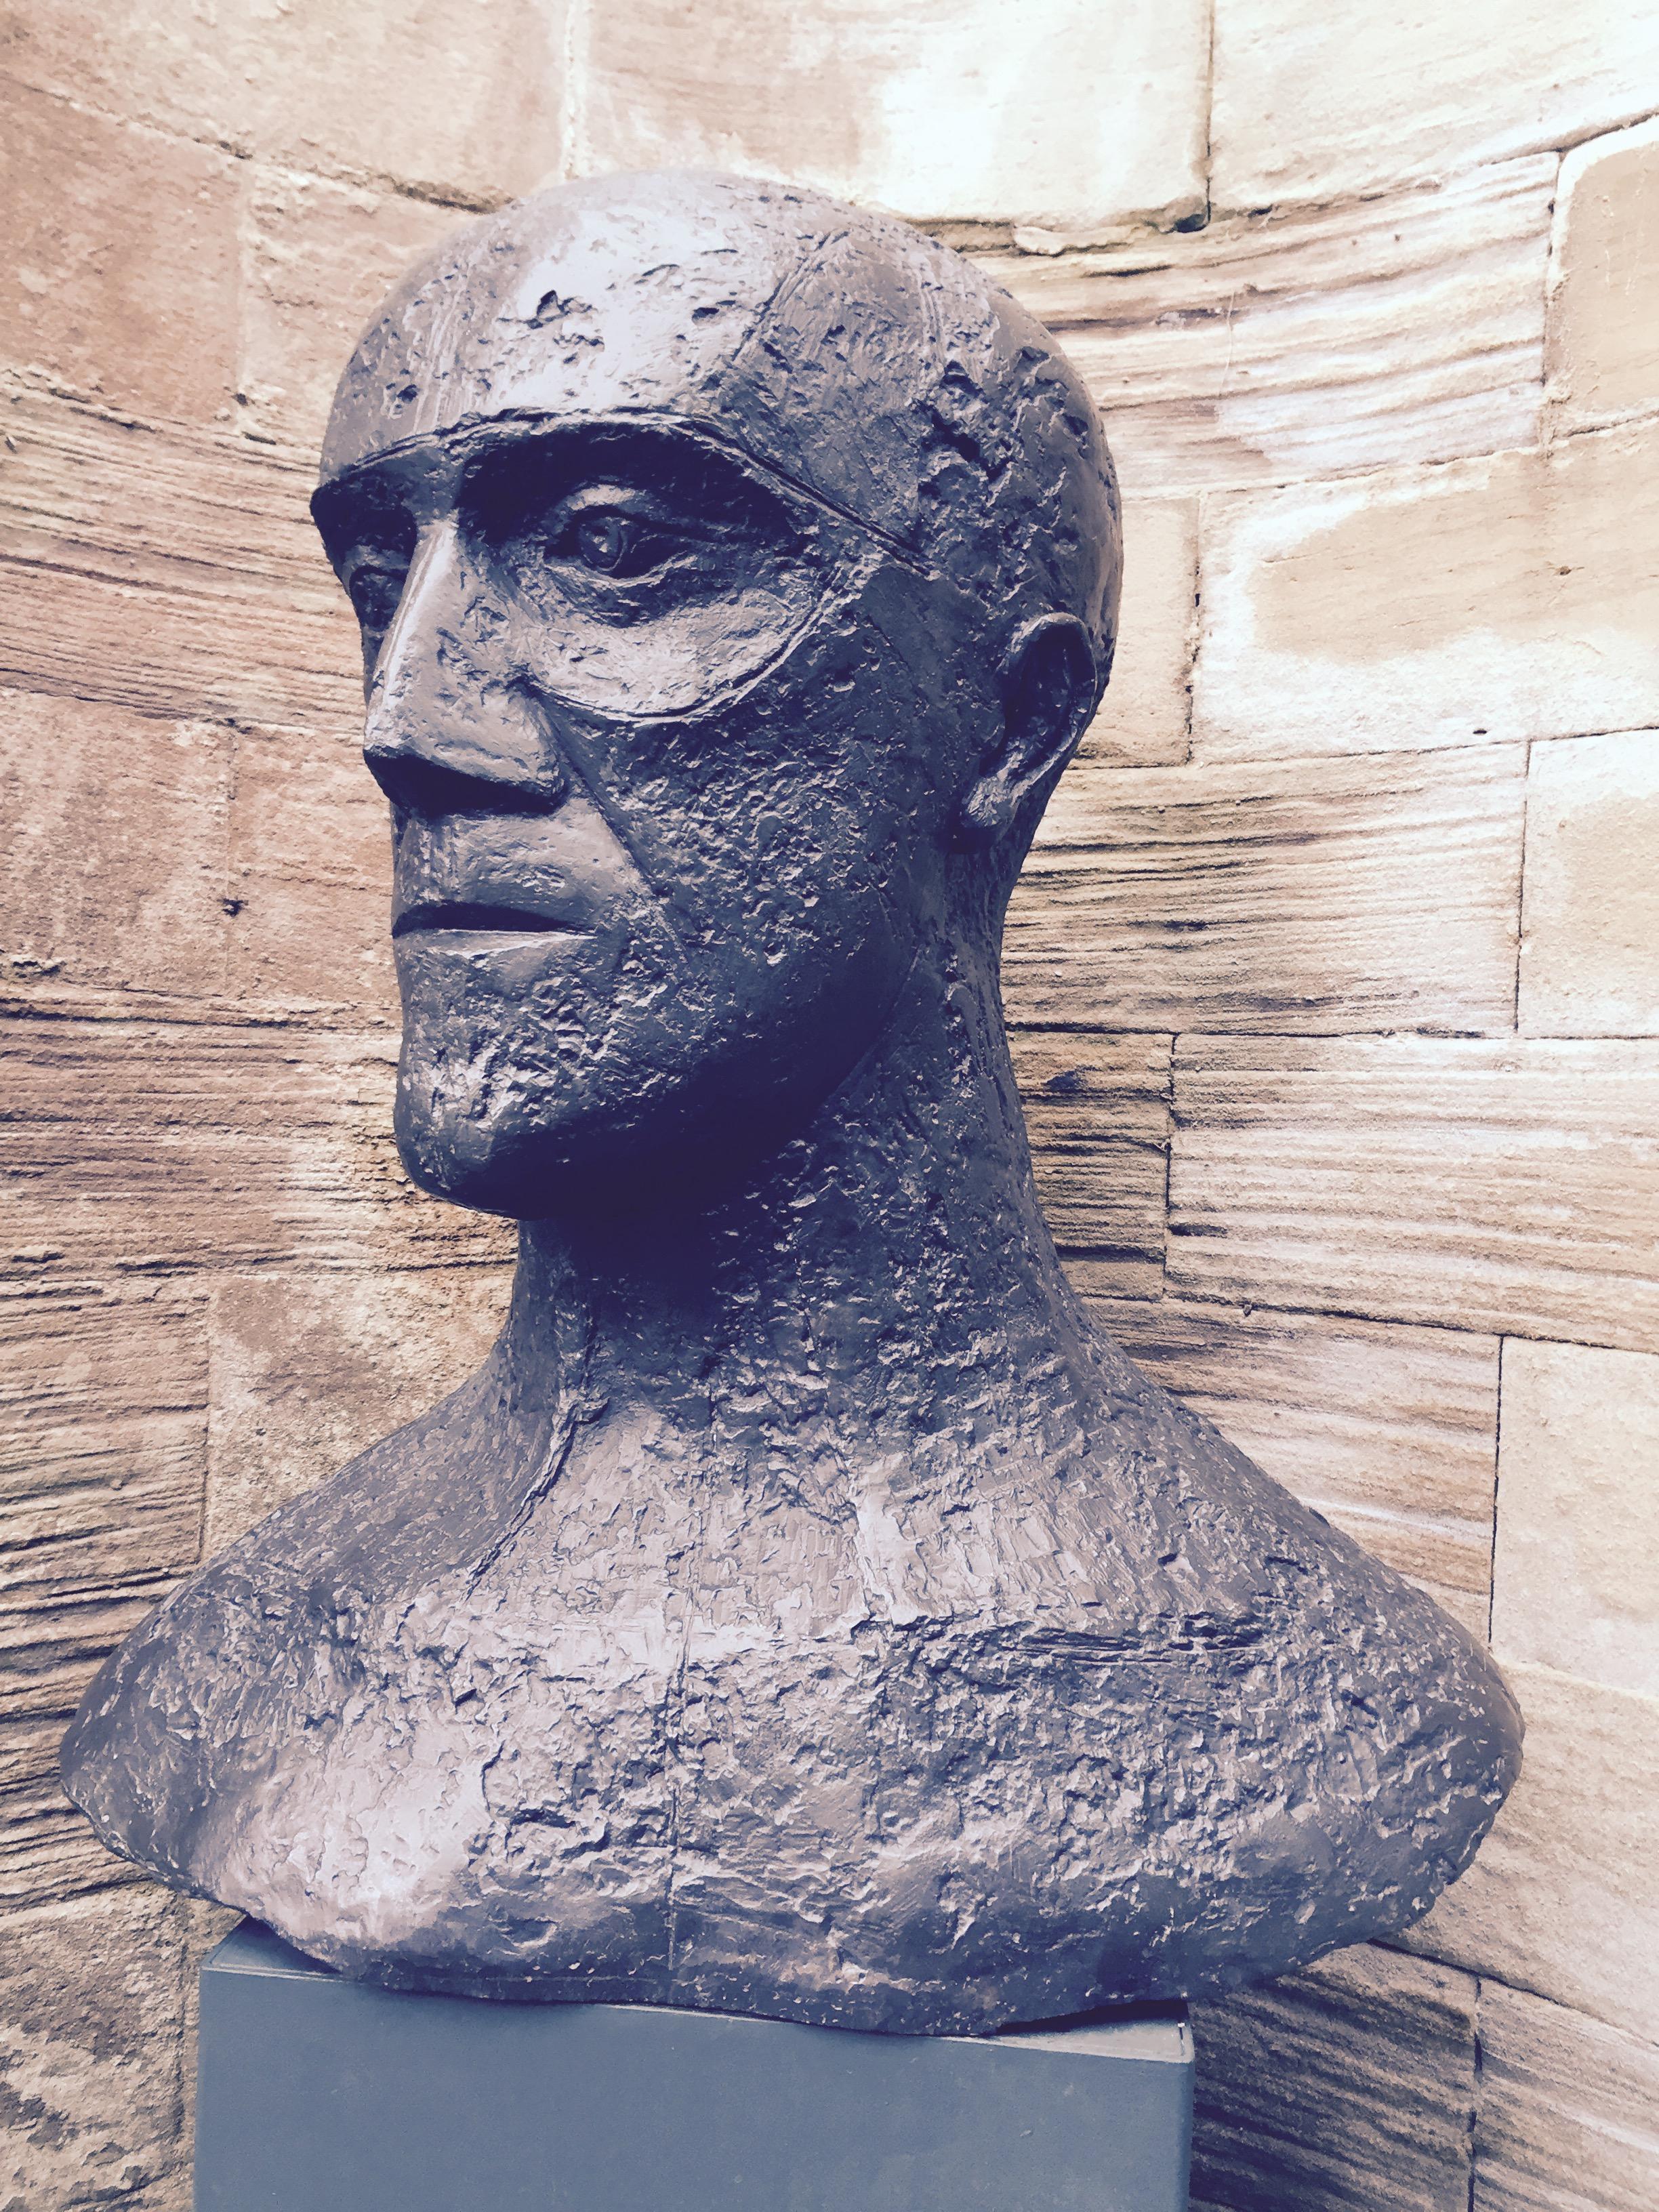 09.05.15- Yorkshire Sculpture Park